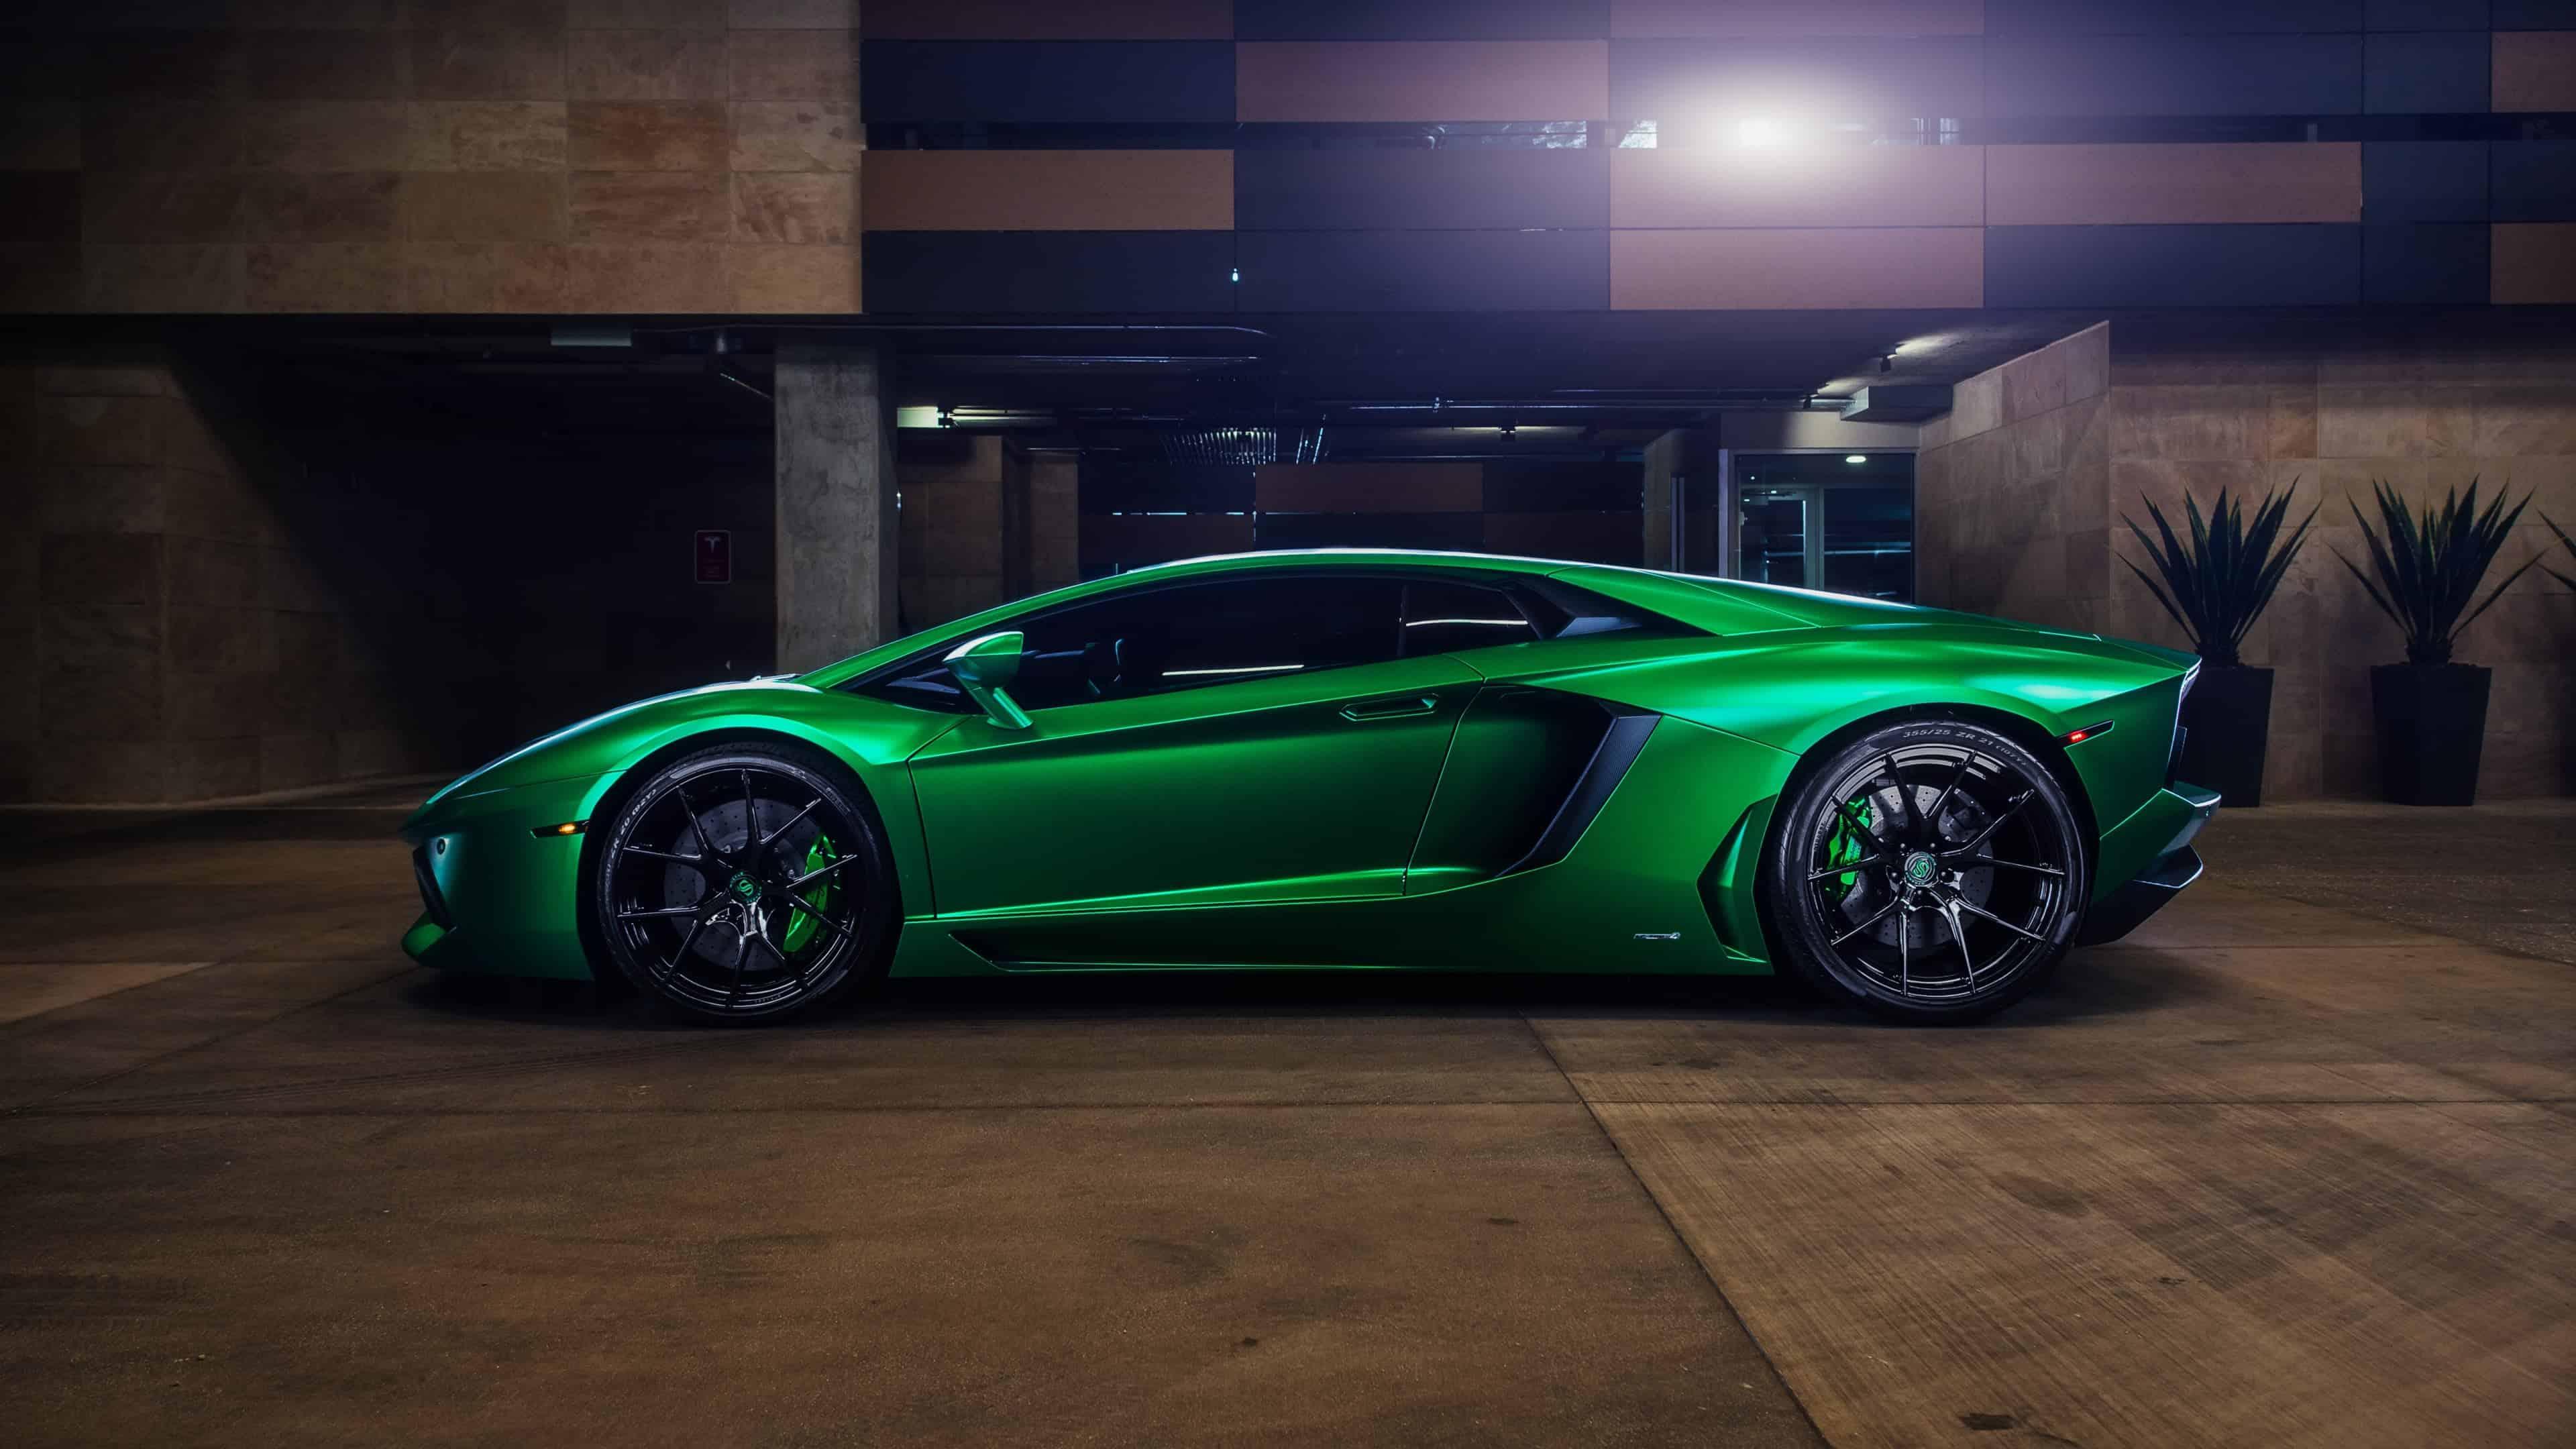 Lamborghini Aventador Coupe Uhd 4k Wallpaper Pixelz